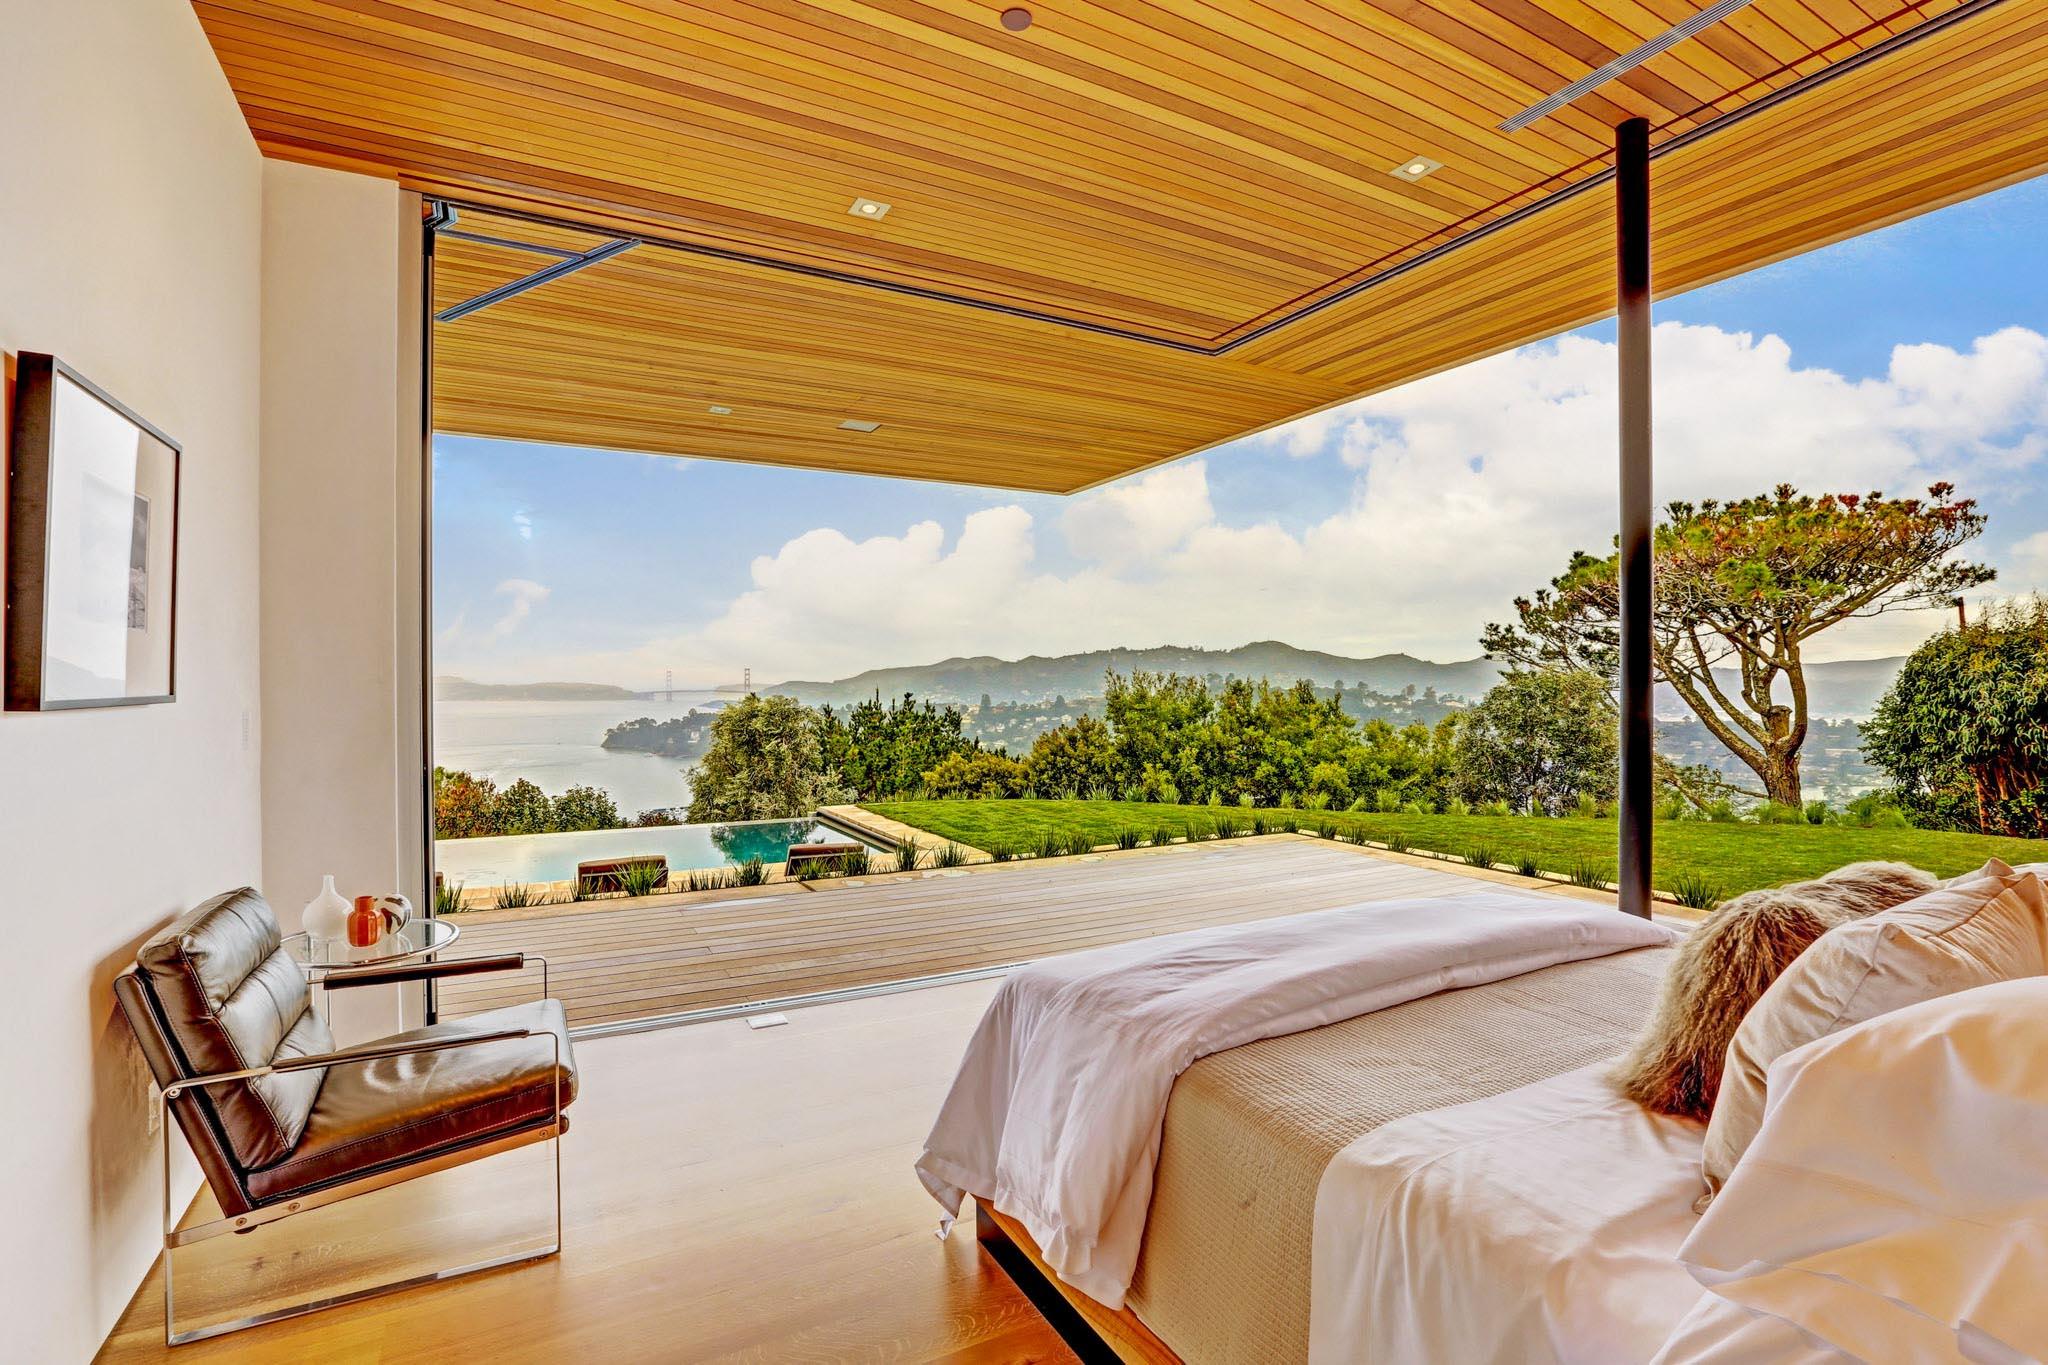 indoor/outdoor bedroom with open corner sliding glass wall